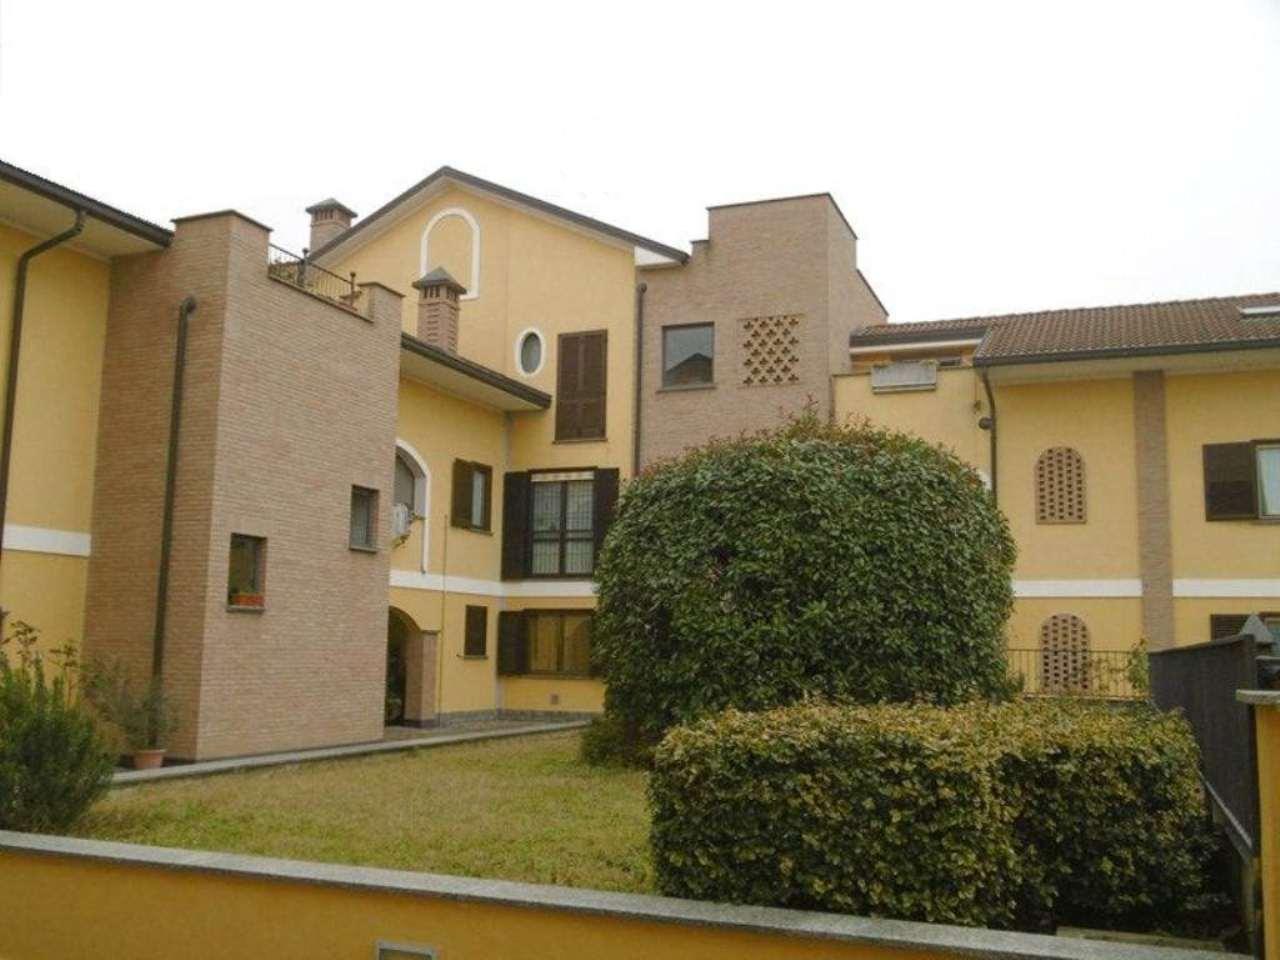 Appartamento in vendita a Colturano, 3 locali, prezzo € 175.000 | Cambio Casa.it